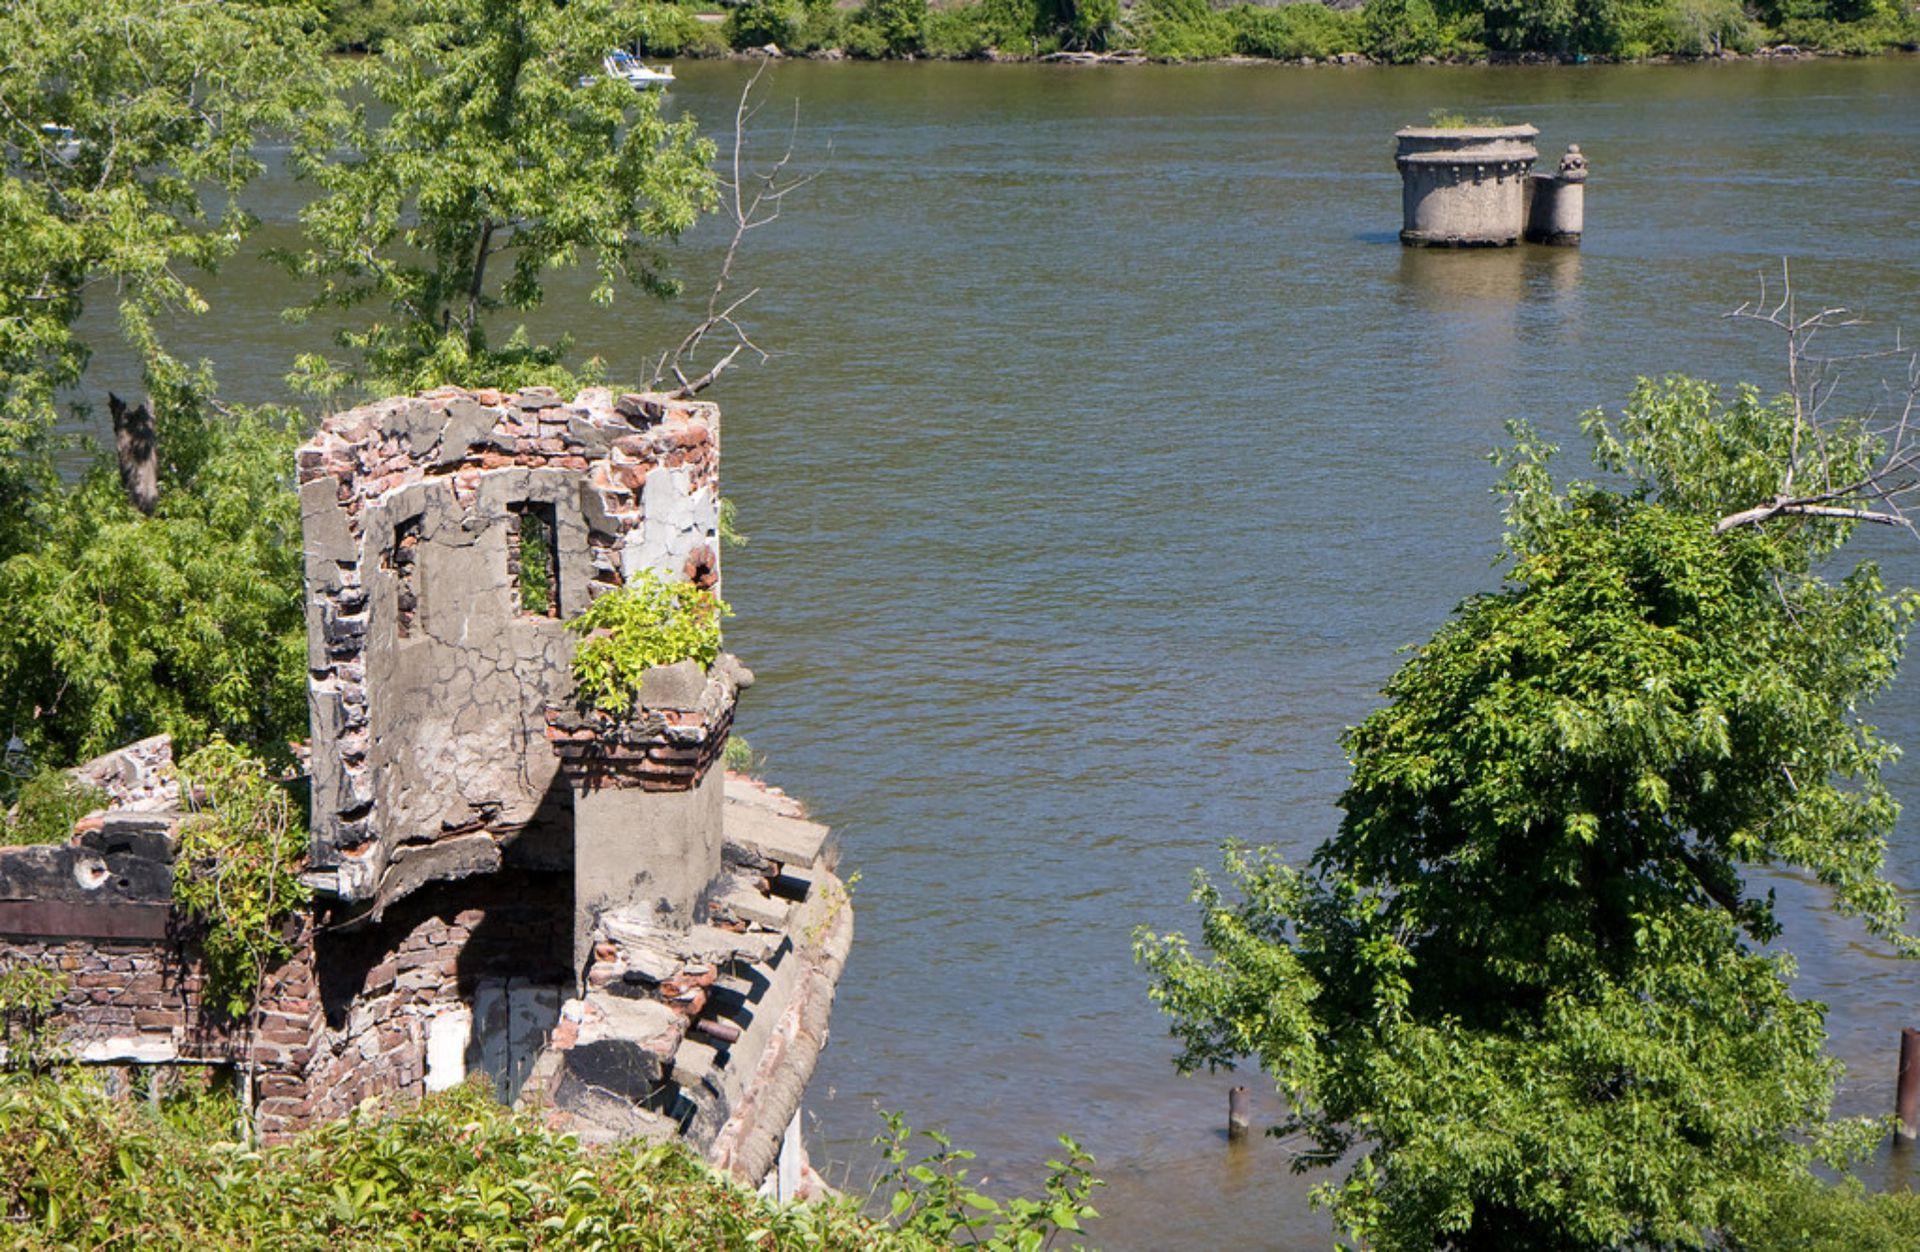 La pequeña isla donde se construyó el castillo tiene  unos 80 kilómetros y en su gran mayoría estaba construida por rocas, pero también presentaba una agradable vegetación.